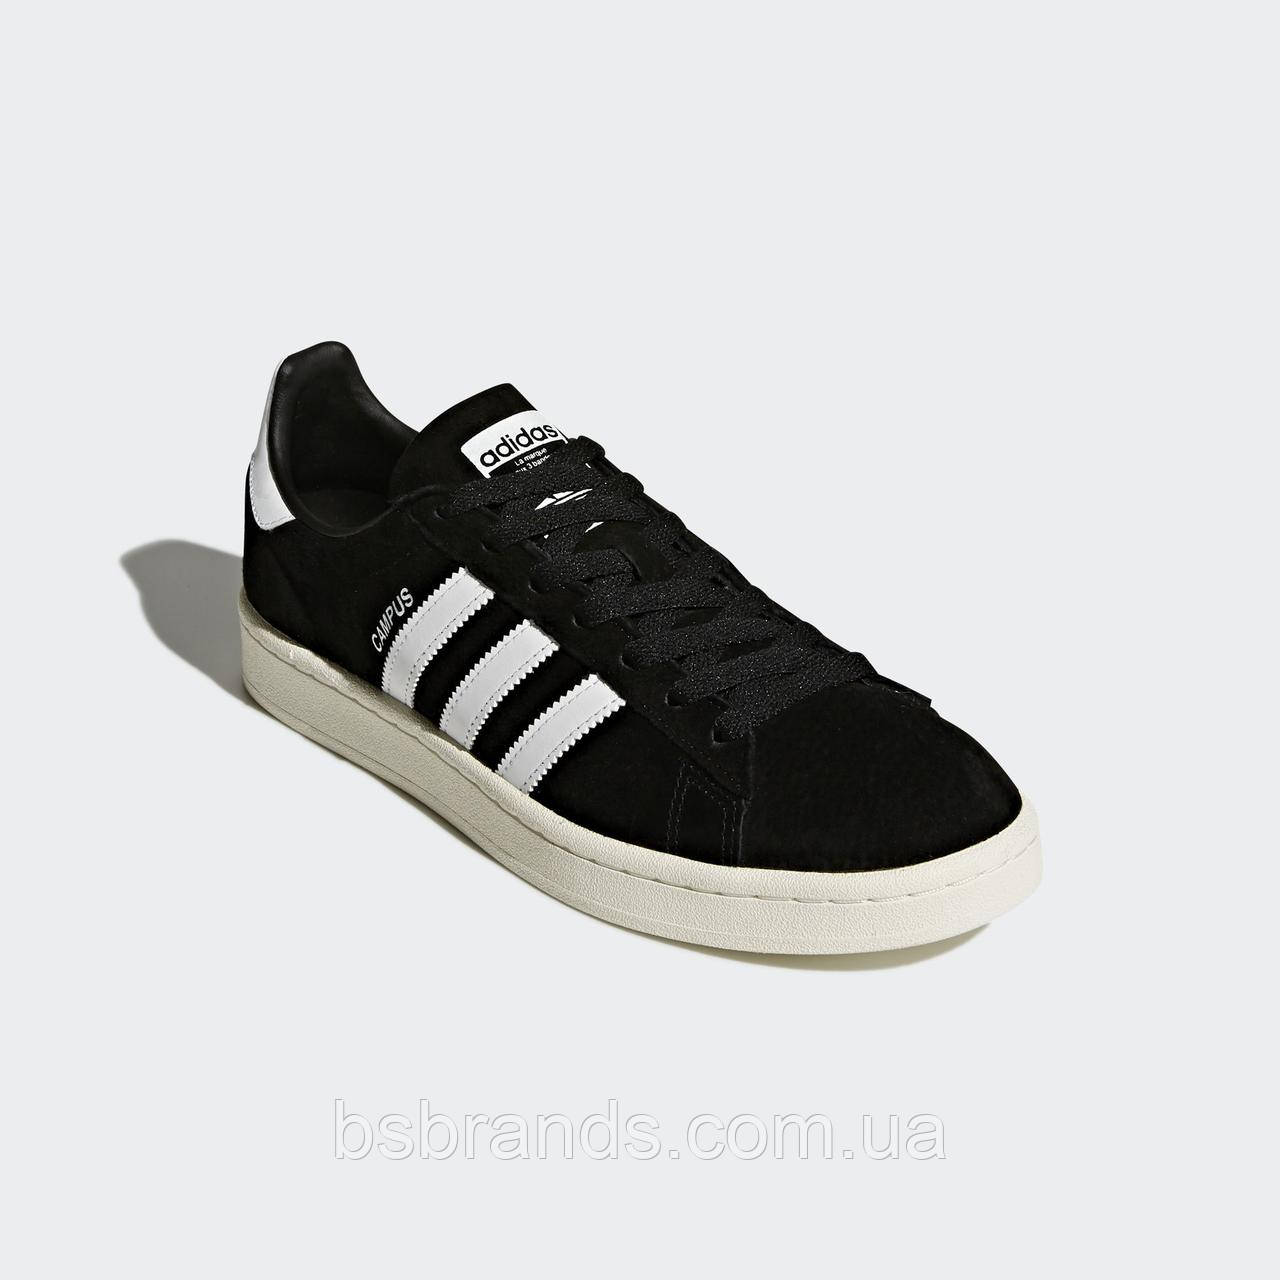 8e26de49 Мужские кроссовки Adidas CAMPUS - «BestSportBrands» – Лучший Спортивный  Мультибрендовый интернет-магазин одежды